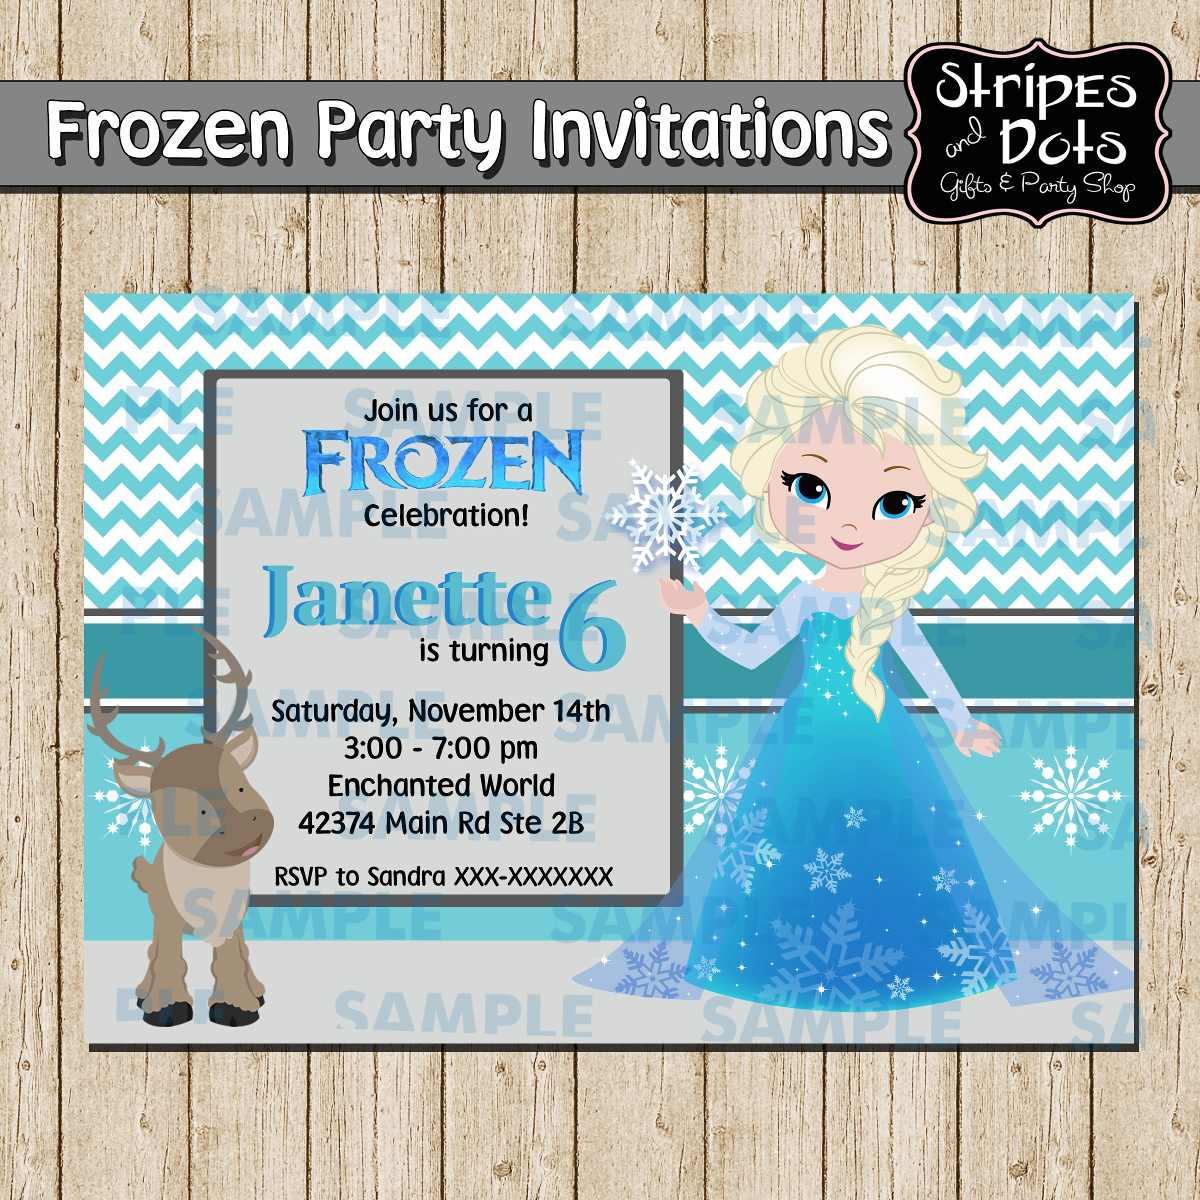 invitaciones de frozen frozen party invitaciones de elsa